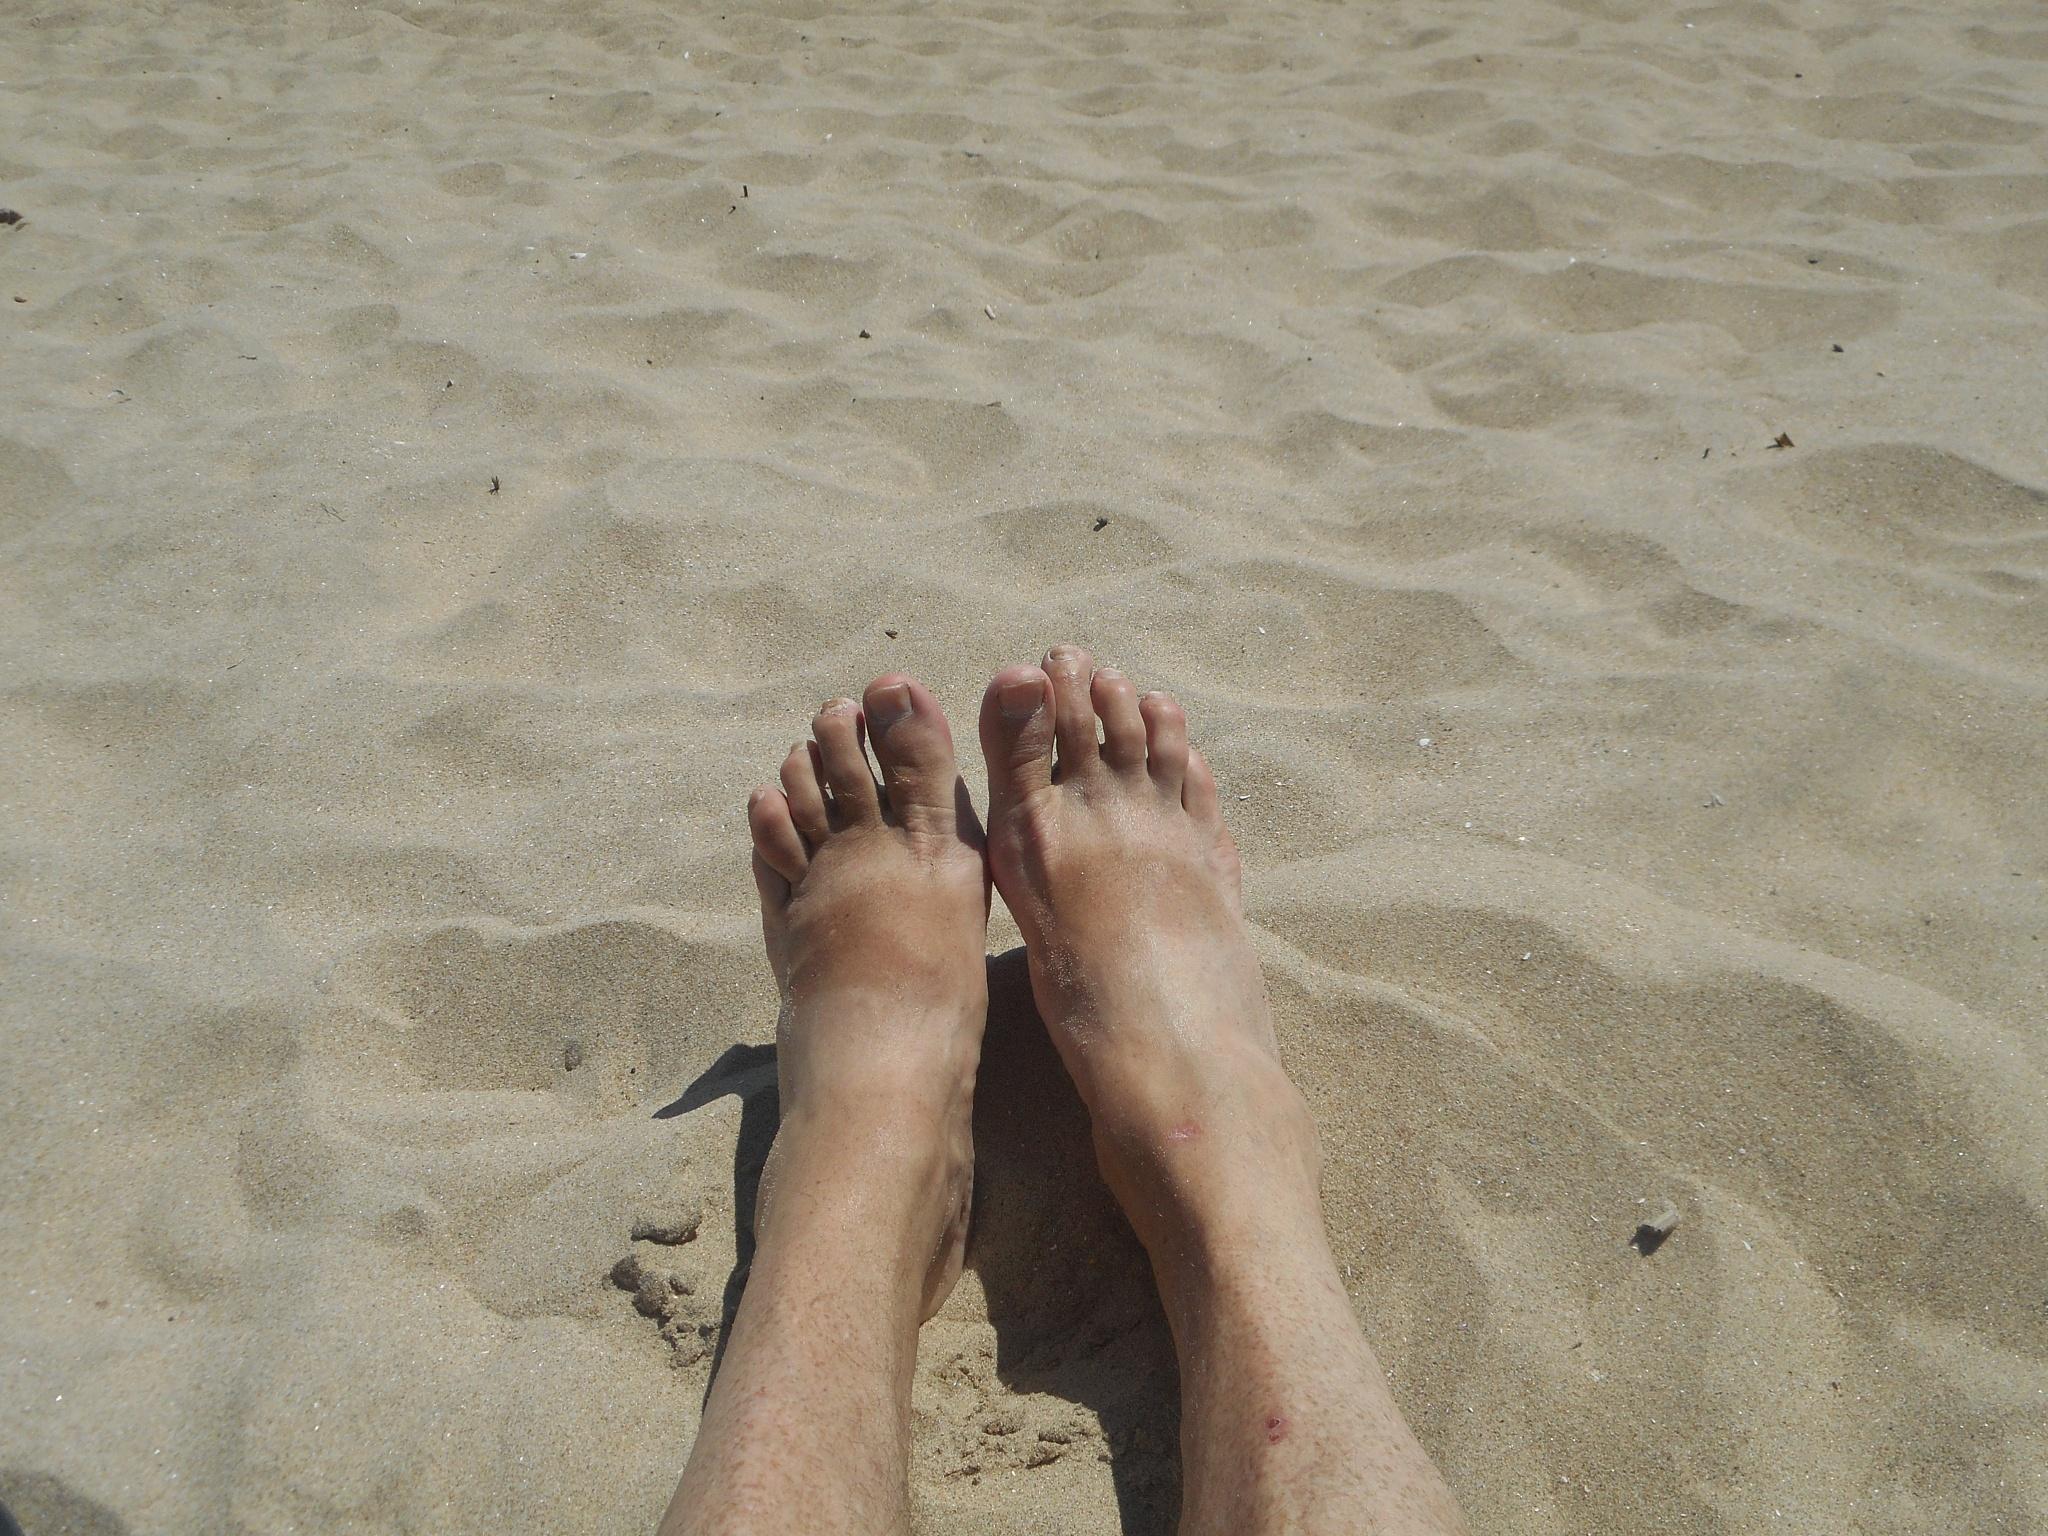 beach feet by Robert Mckenna